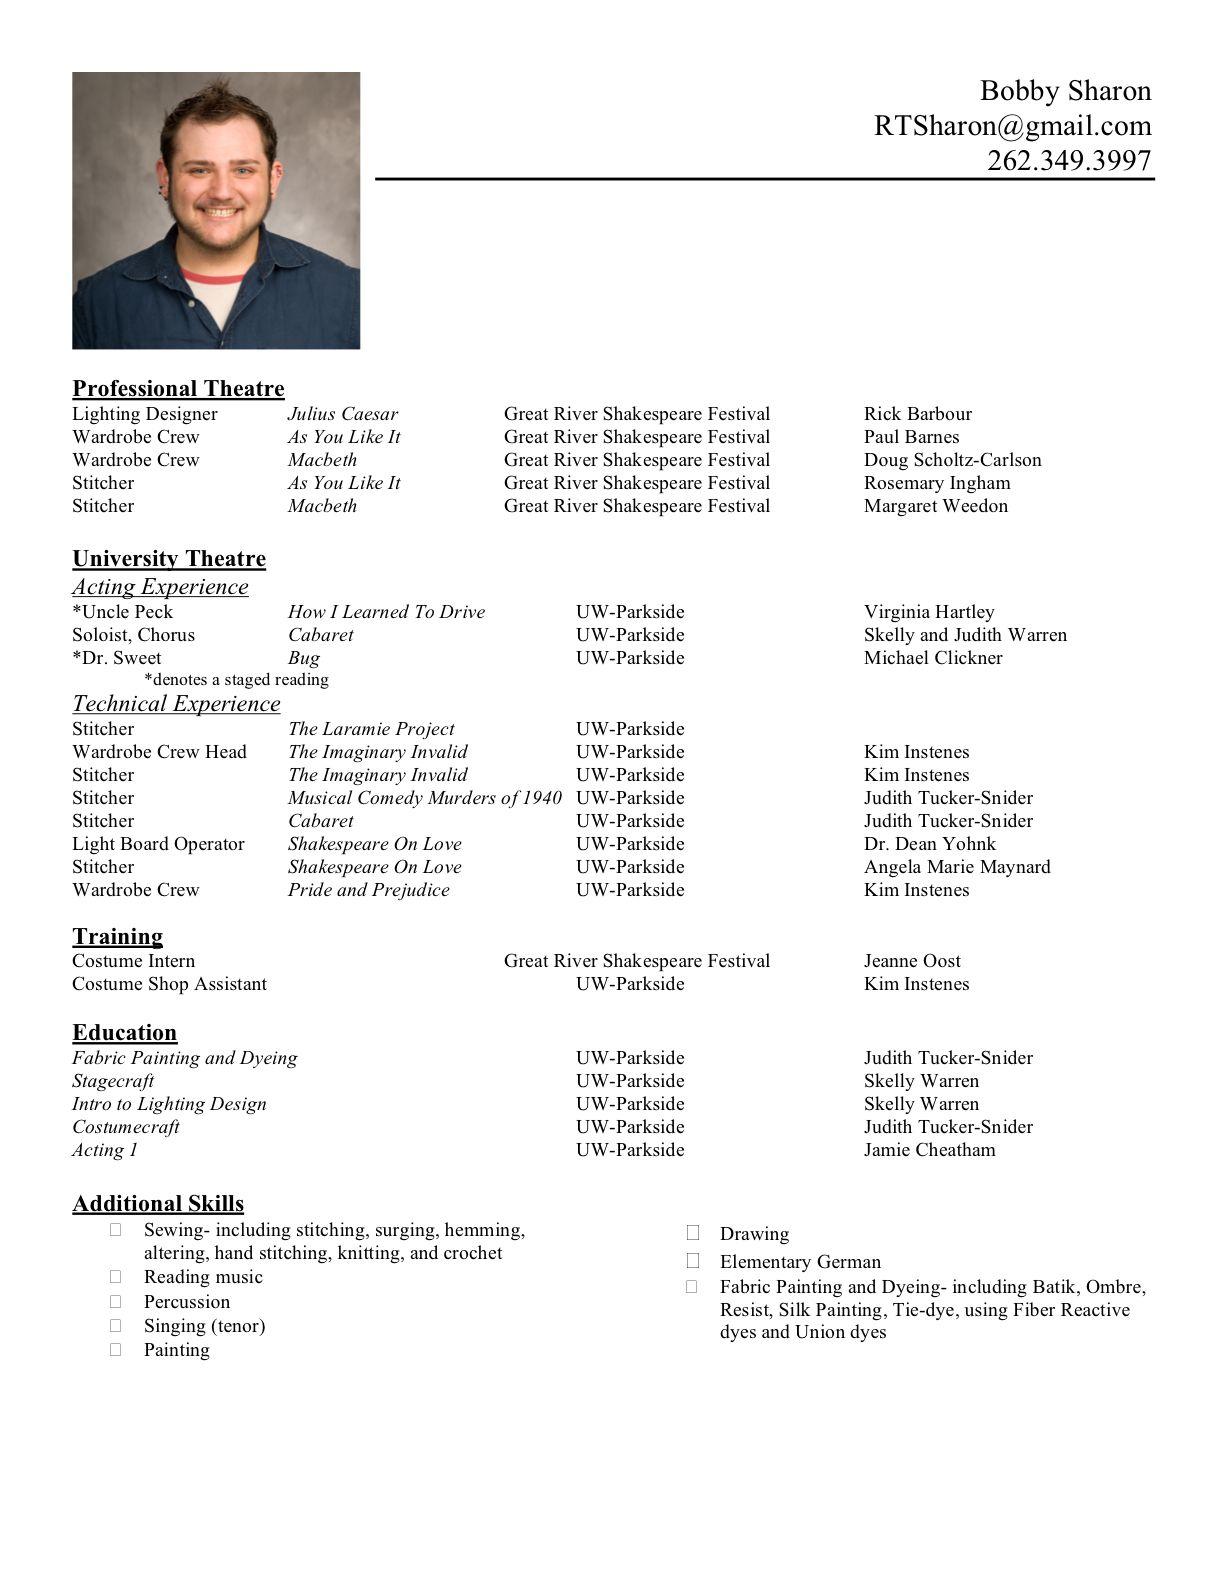 Curriculum Vitae Format PDF    Http://www.resumecareer.info/curriculum Vitae Format Pdf/